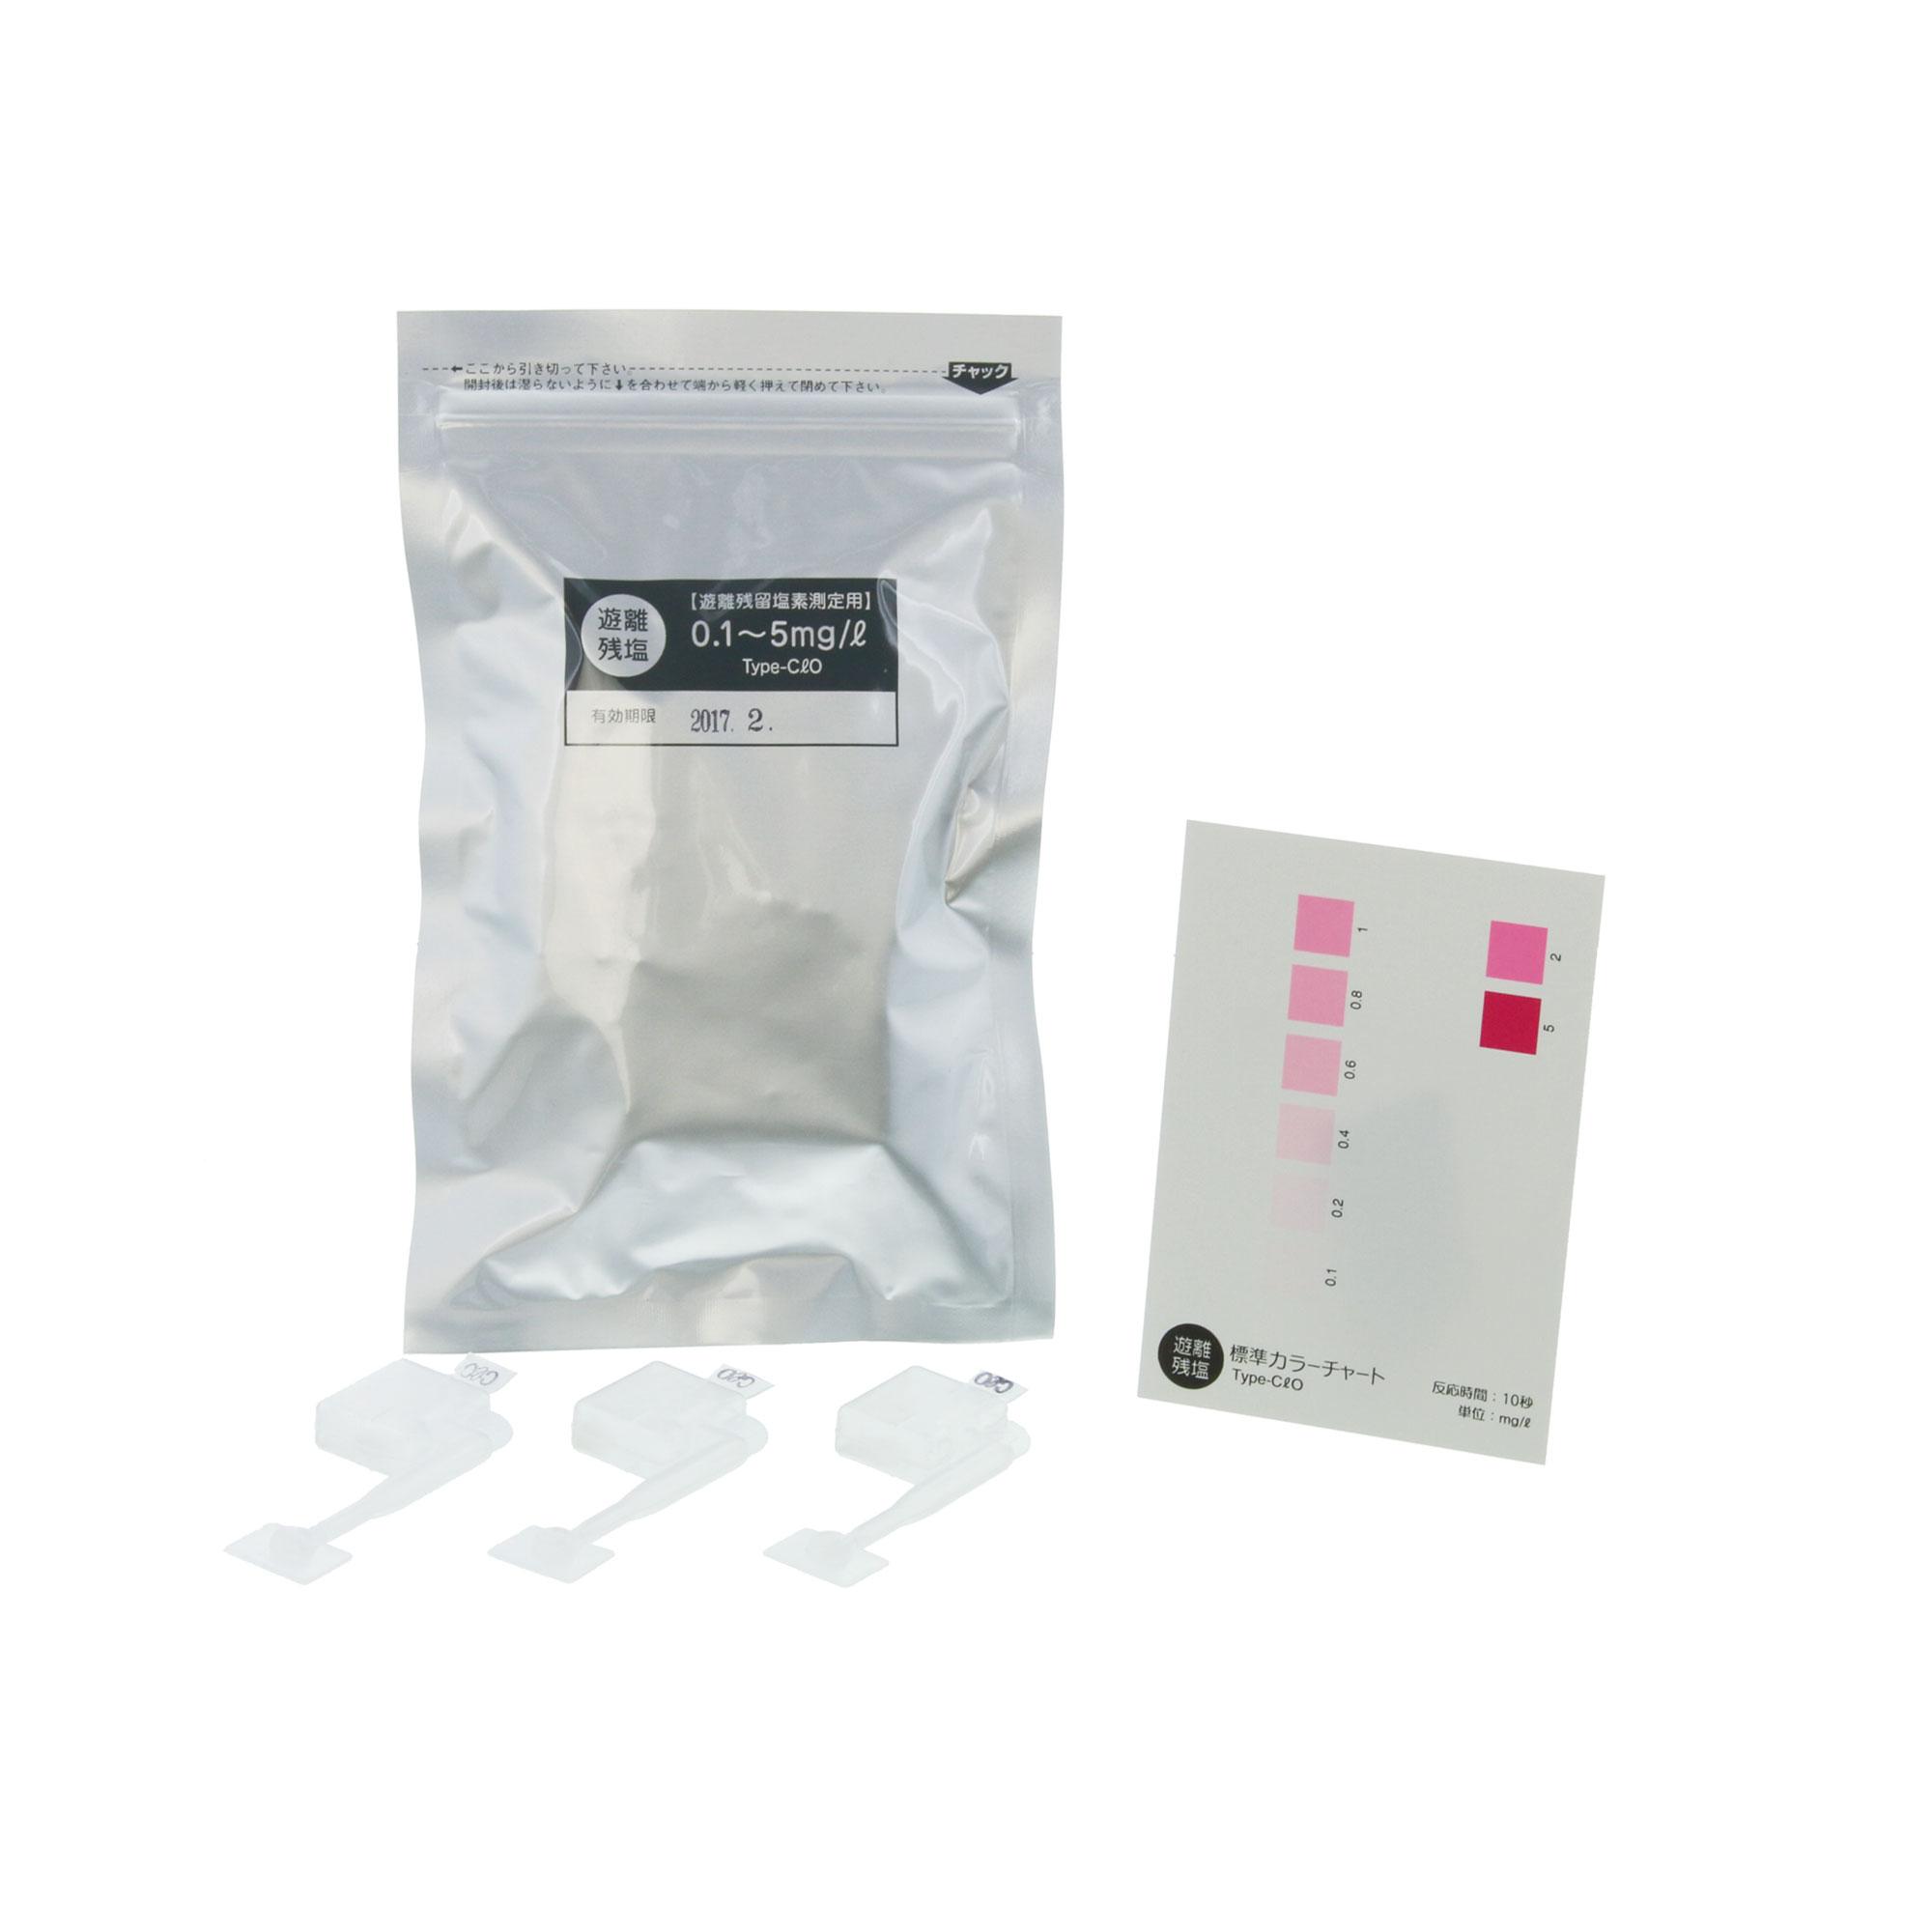 シンプルパック 遊離残留塩素 ClO(48回分)